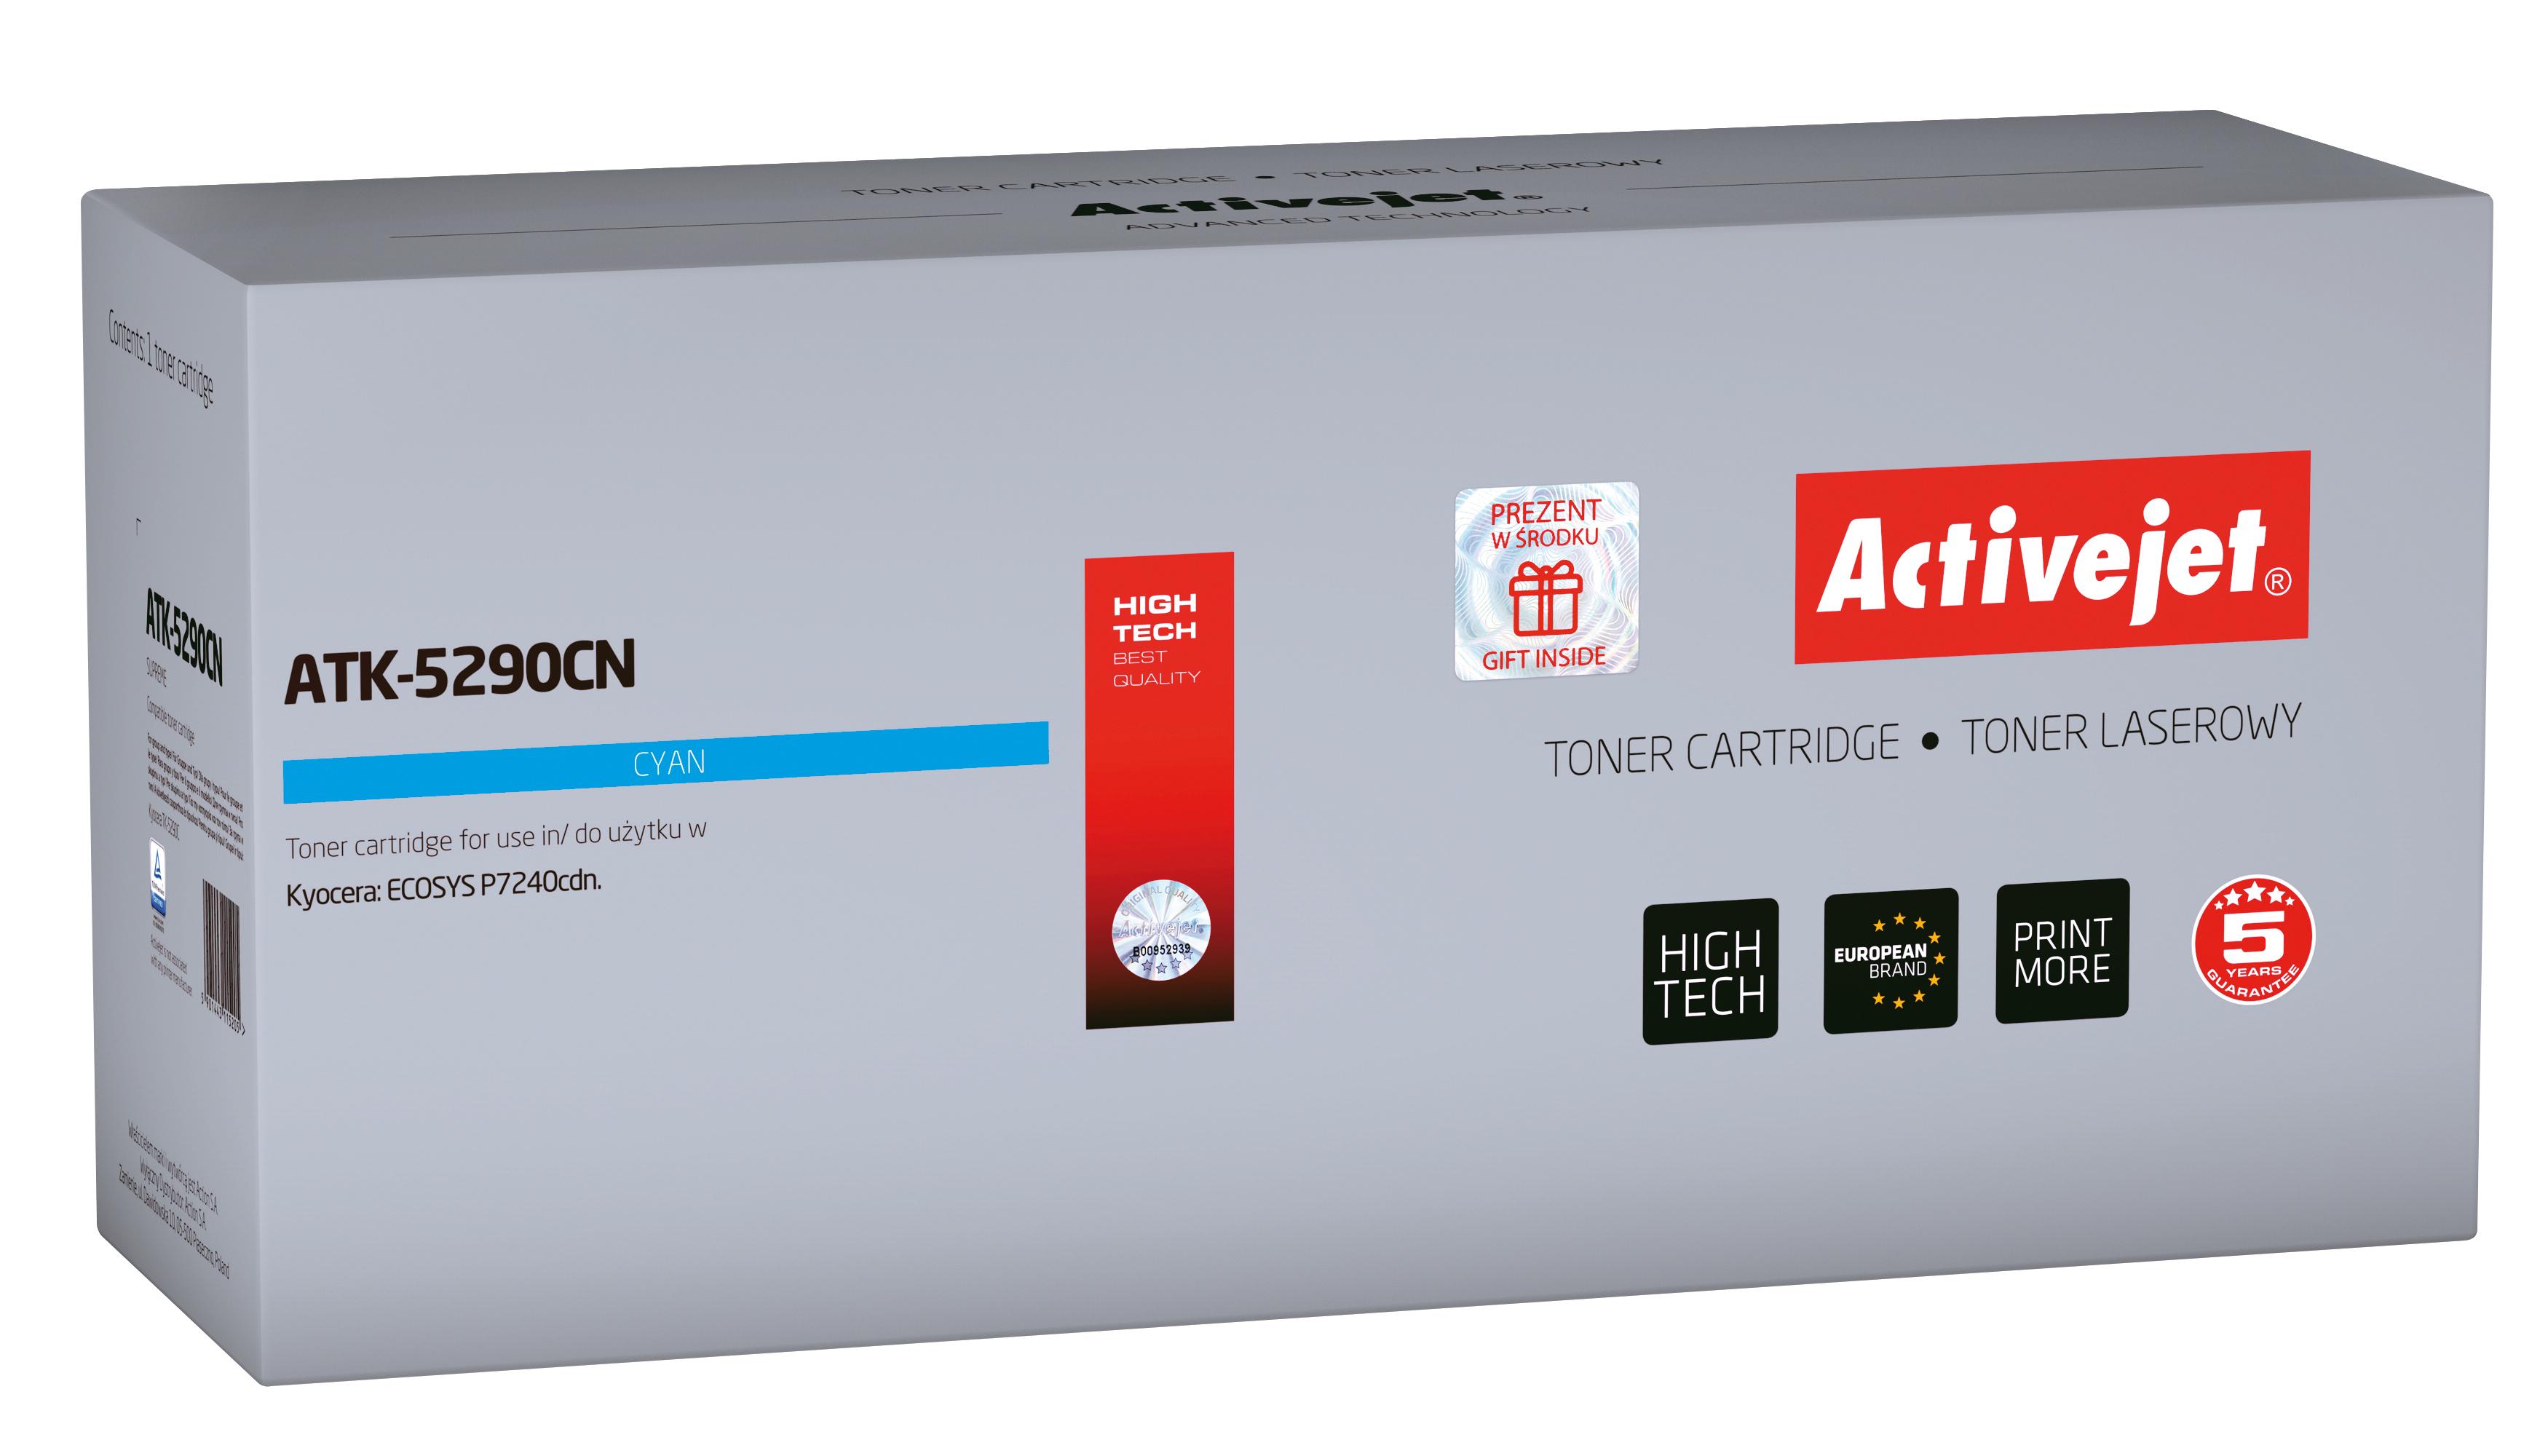 Toner Activejet  ATK-5290CN do drukarki Kyocera, Zamiennik Kyocera TK-5290C; Supreme; 13000 stron; Błękitny.